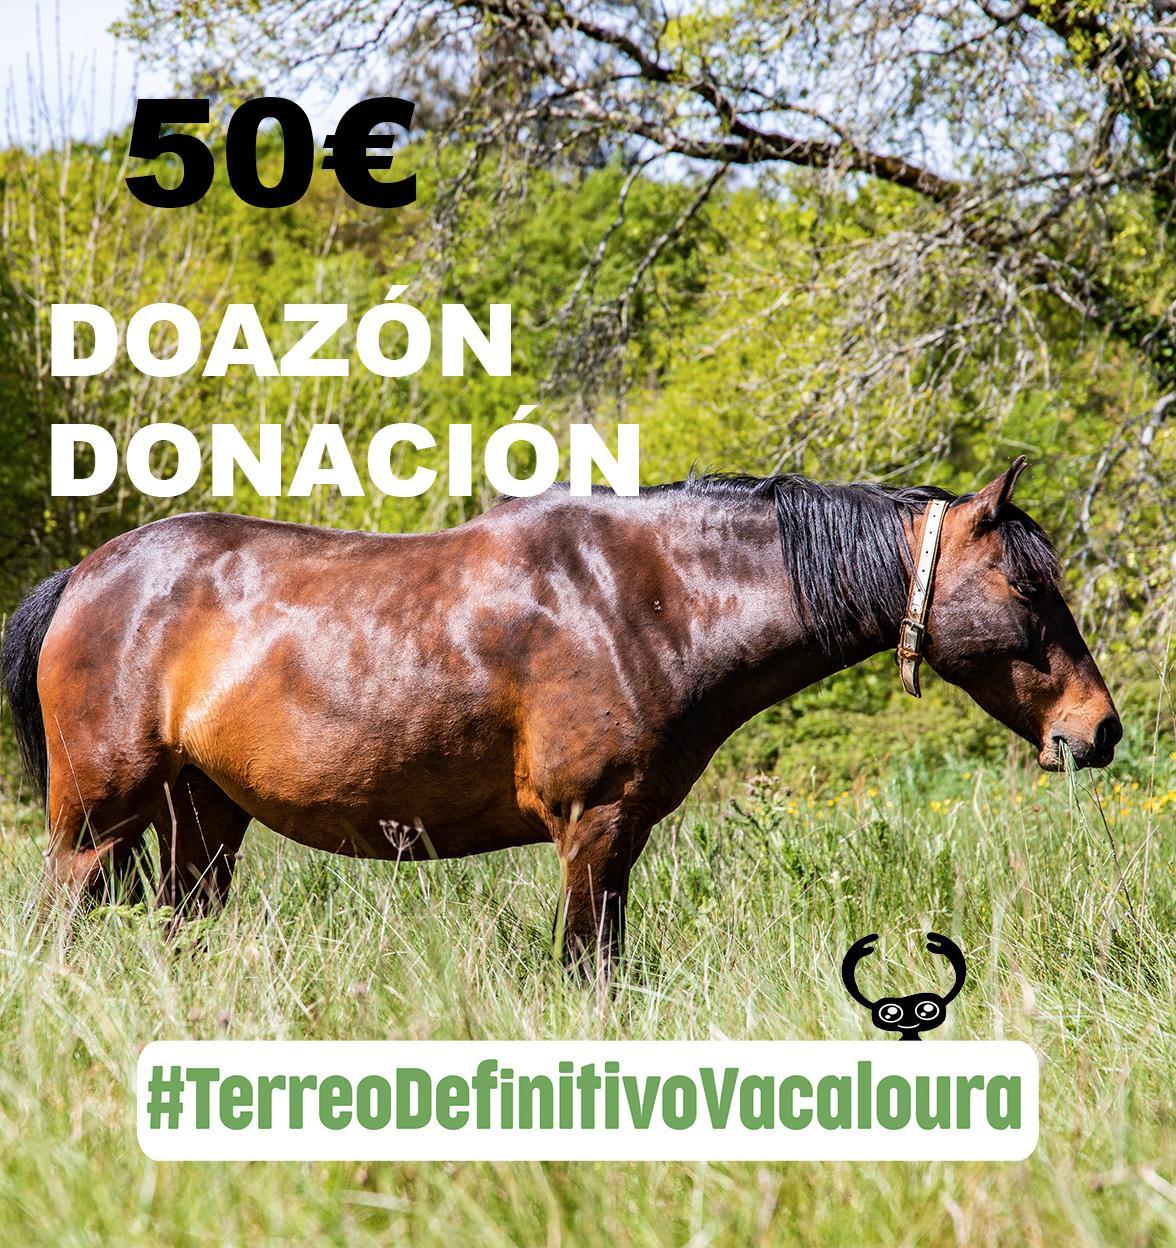 doa 50 euros á campaña do terreo definitivo para o santuario